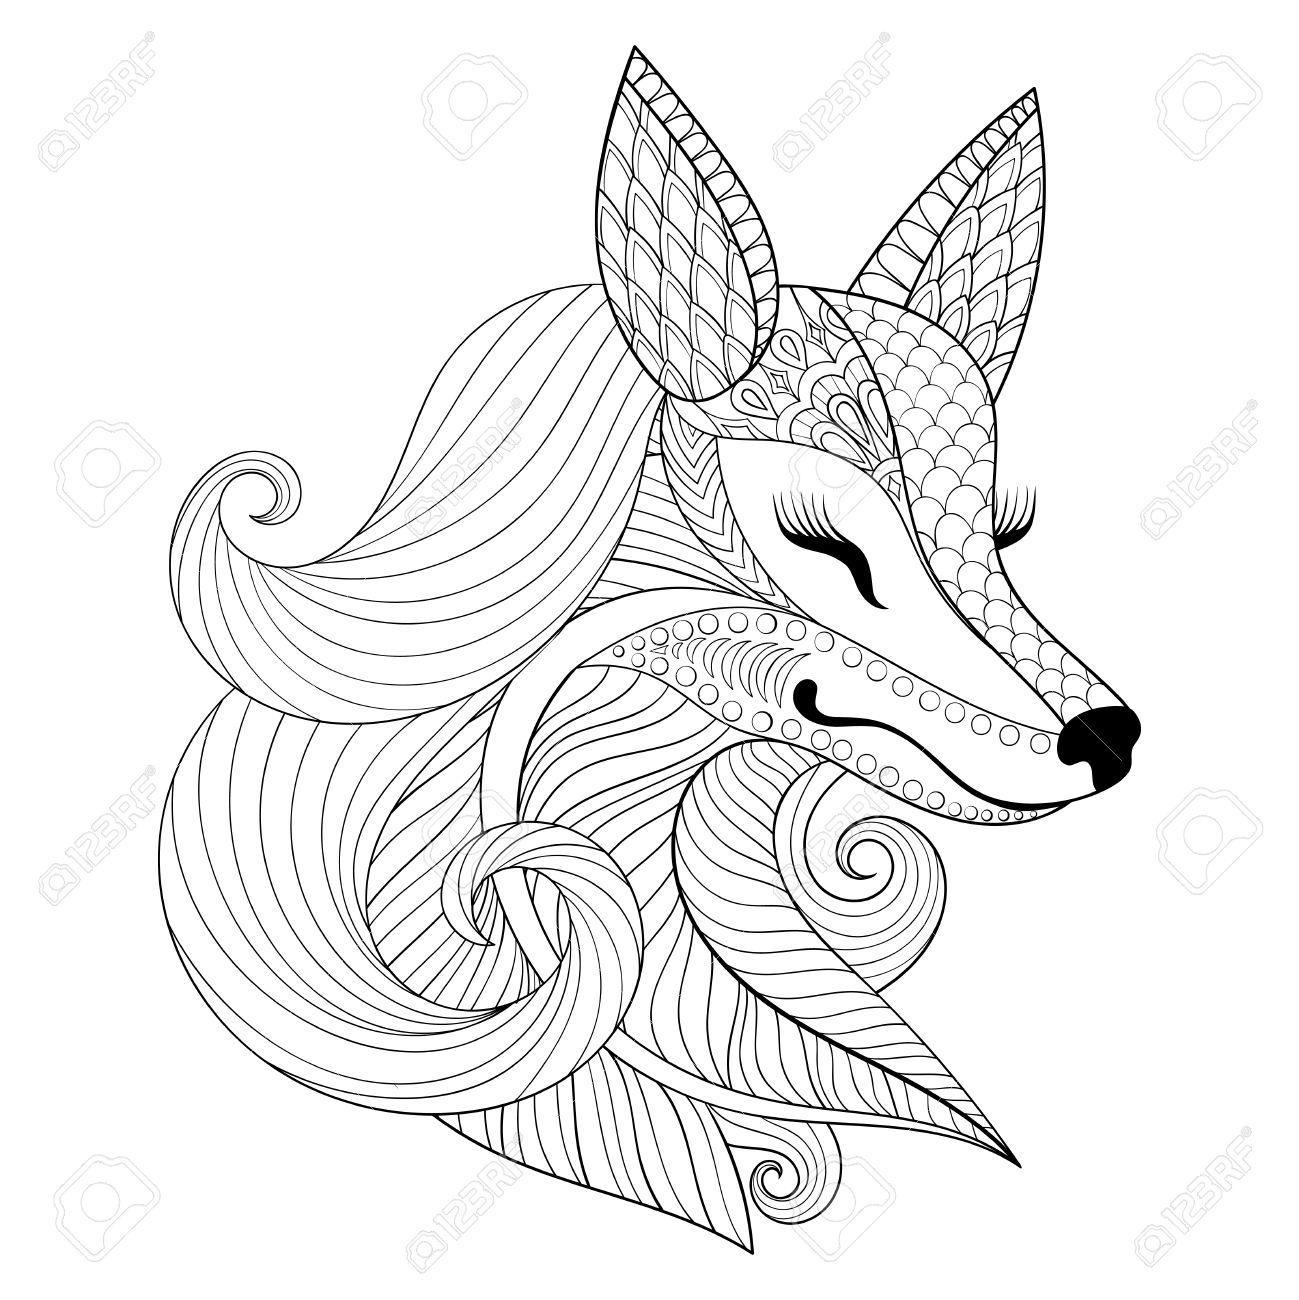 Fox En La Cara Del Doodle Monocromático Style.Wild Animal, Ejemplo ...